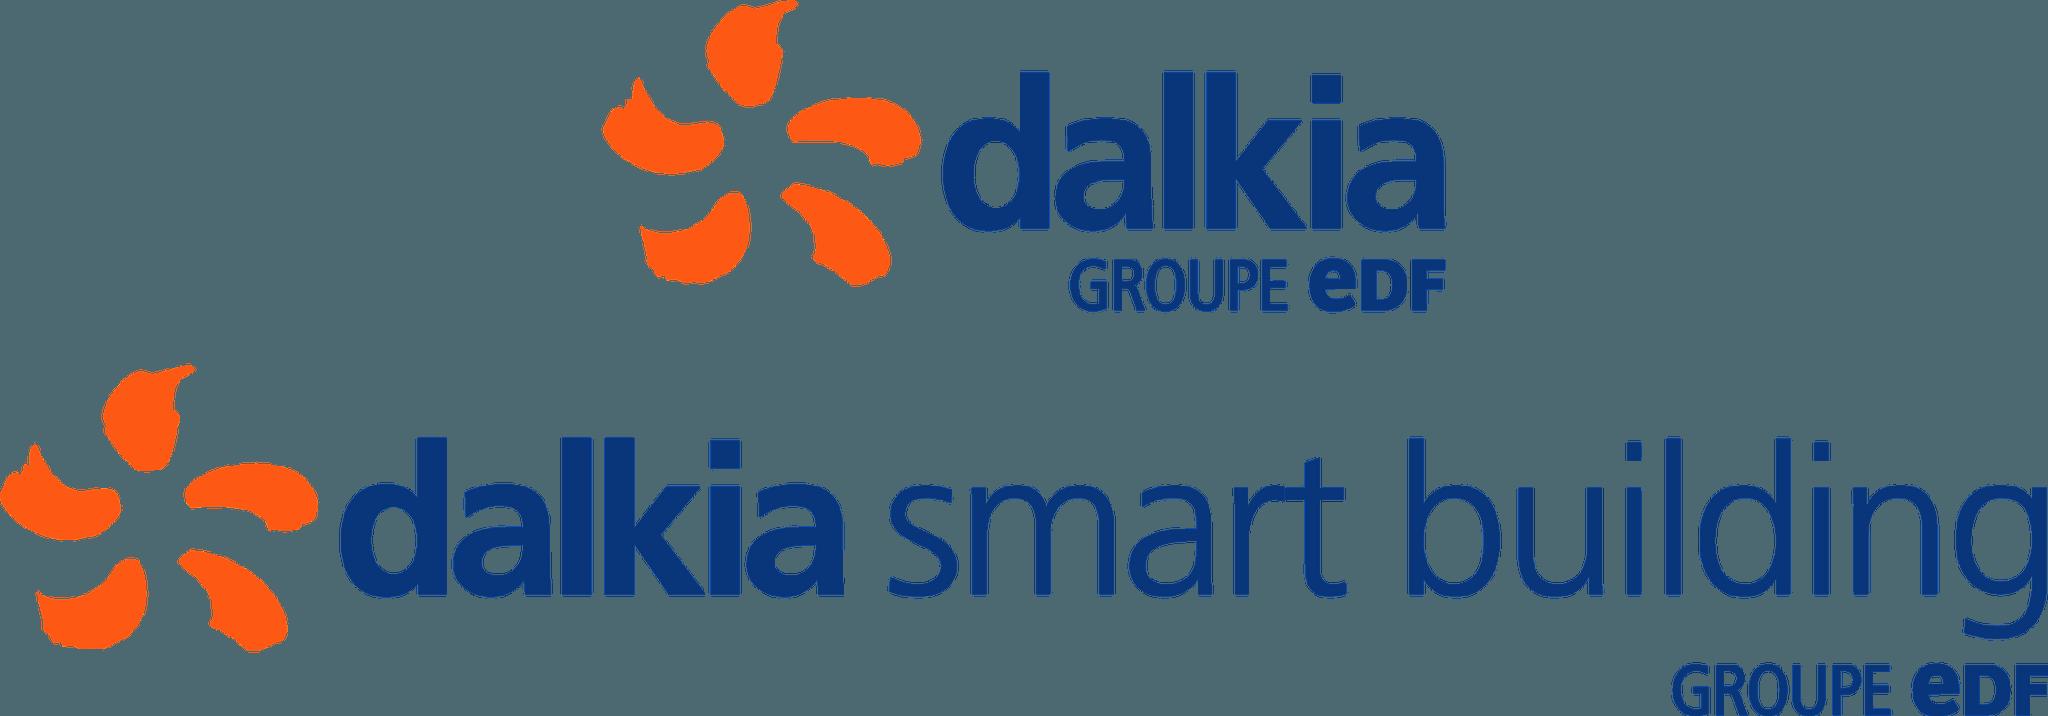 DALKIA - DALKIA SMART BUILDING